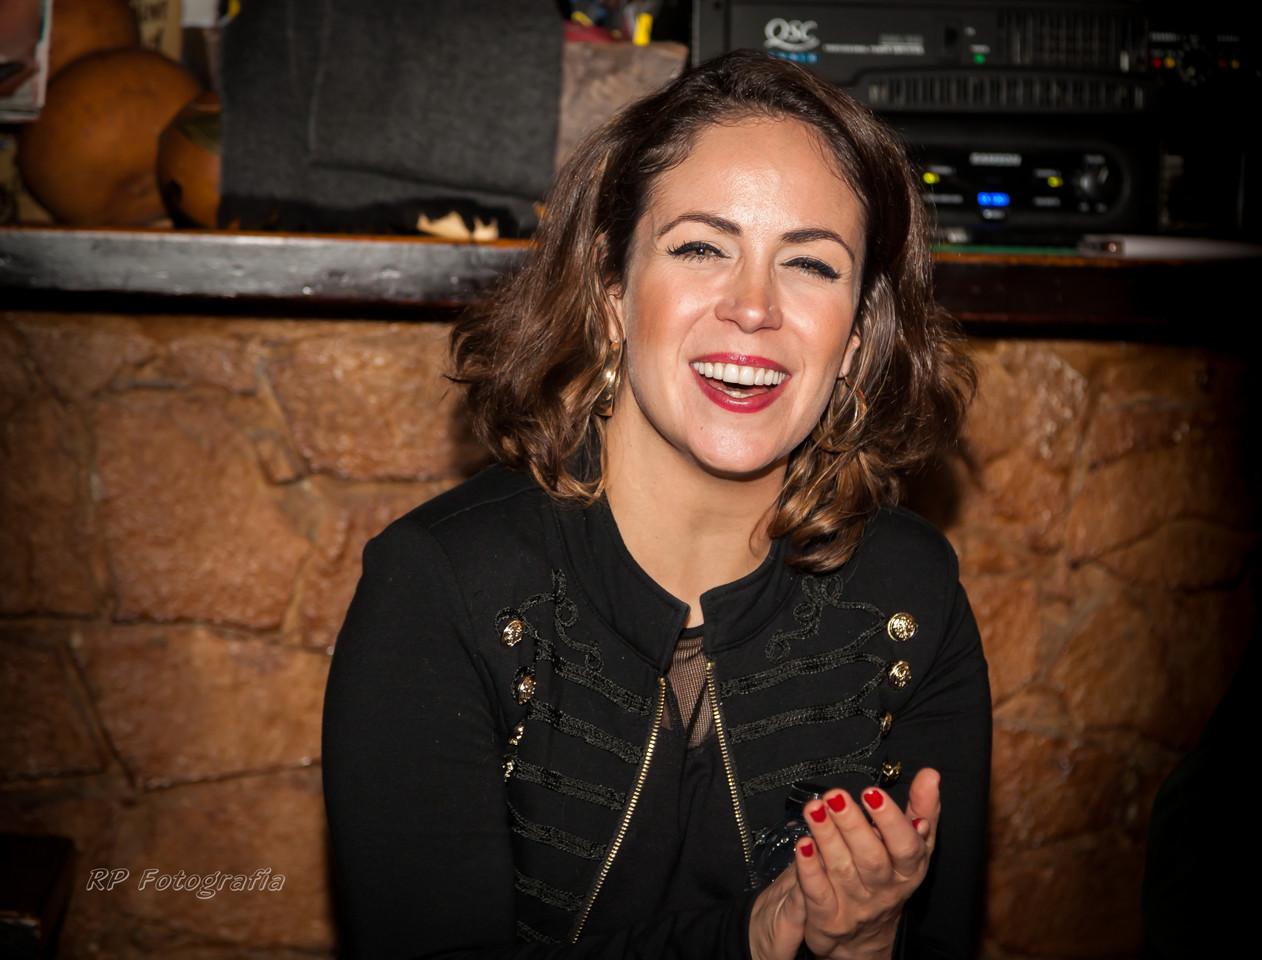 Joana Amendoeira na Taverna dos Trovadores (004)